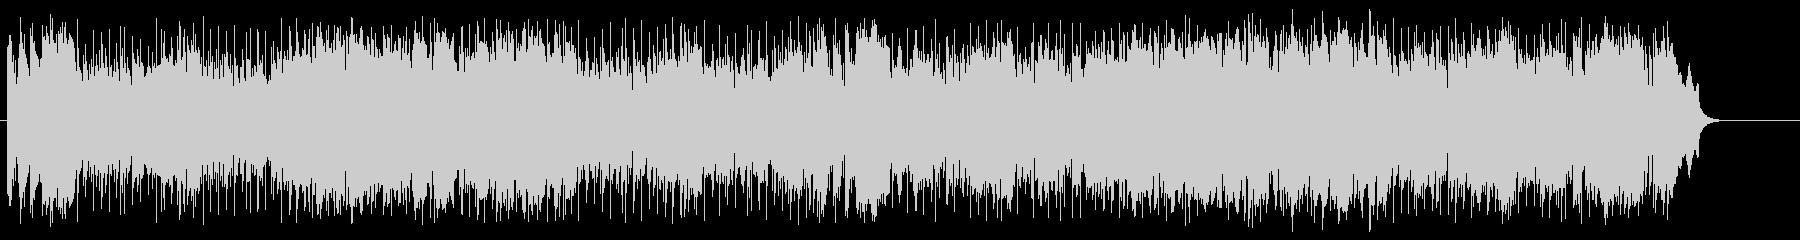 粋なマイナー・ポップ/フュージョンの未再生の波形